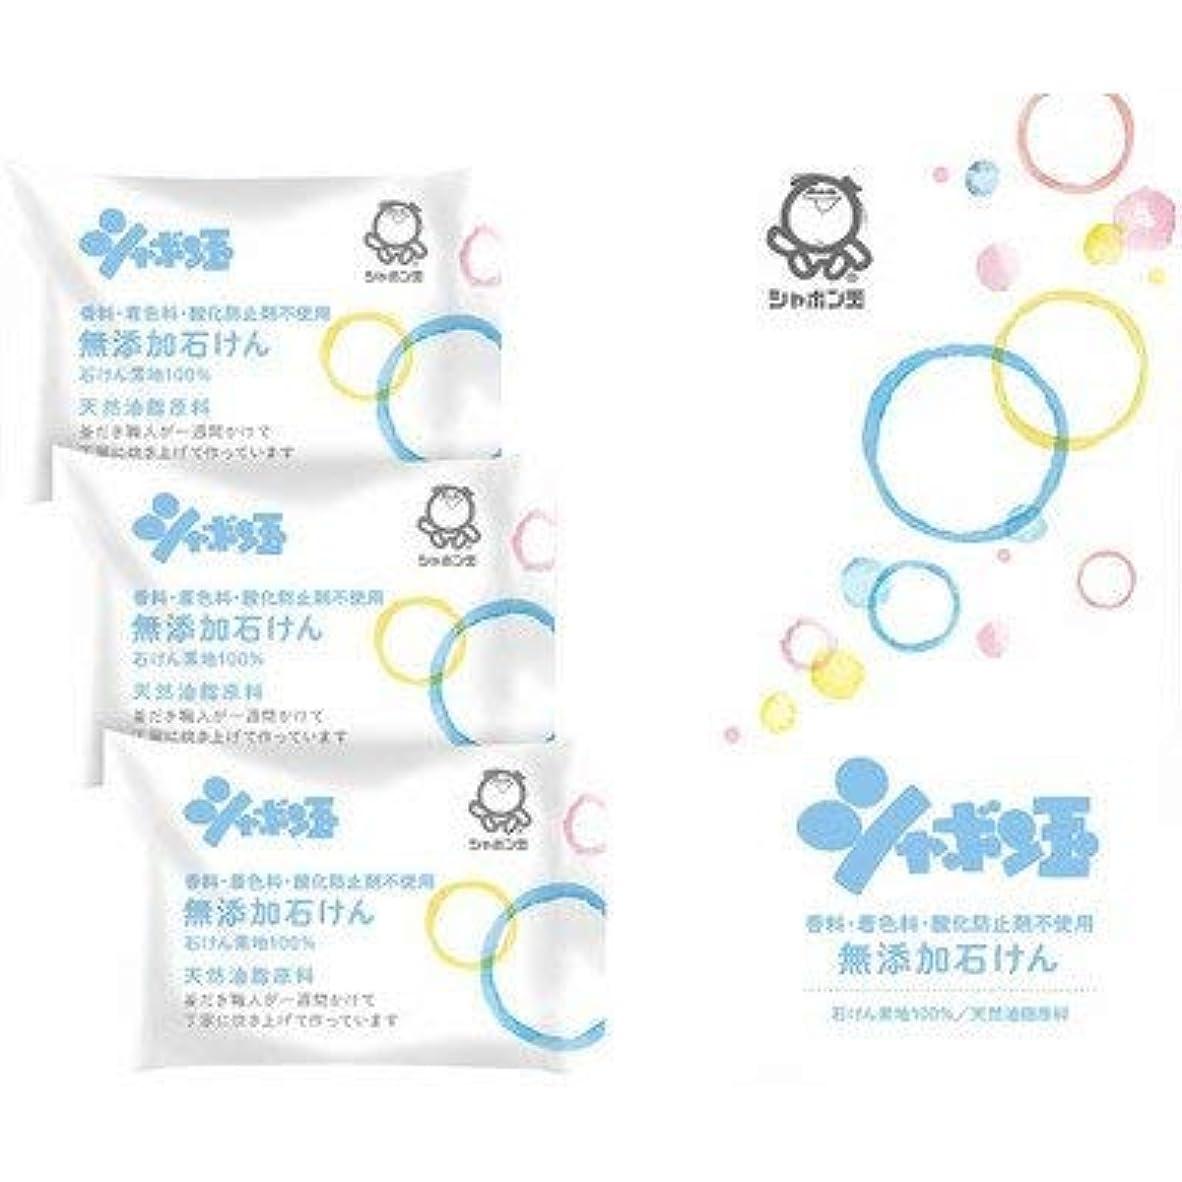 メディア群がる月曜日【ギフトセット】 シャボン玉無添加石鹸ギフトセット SMG-5B